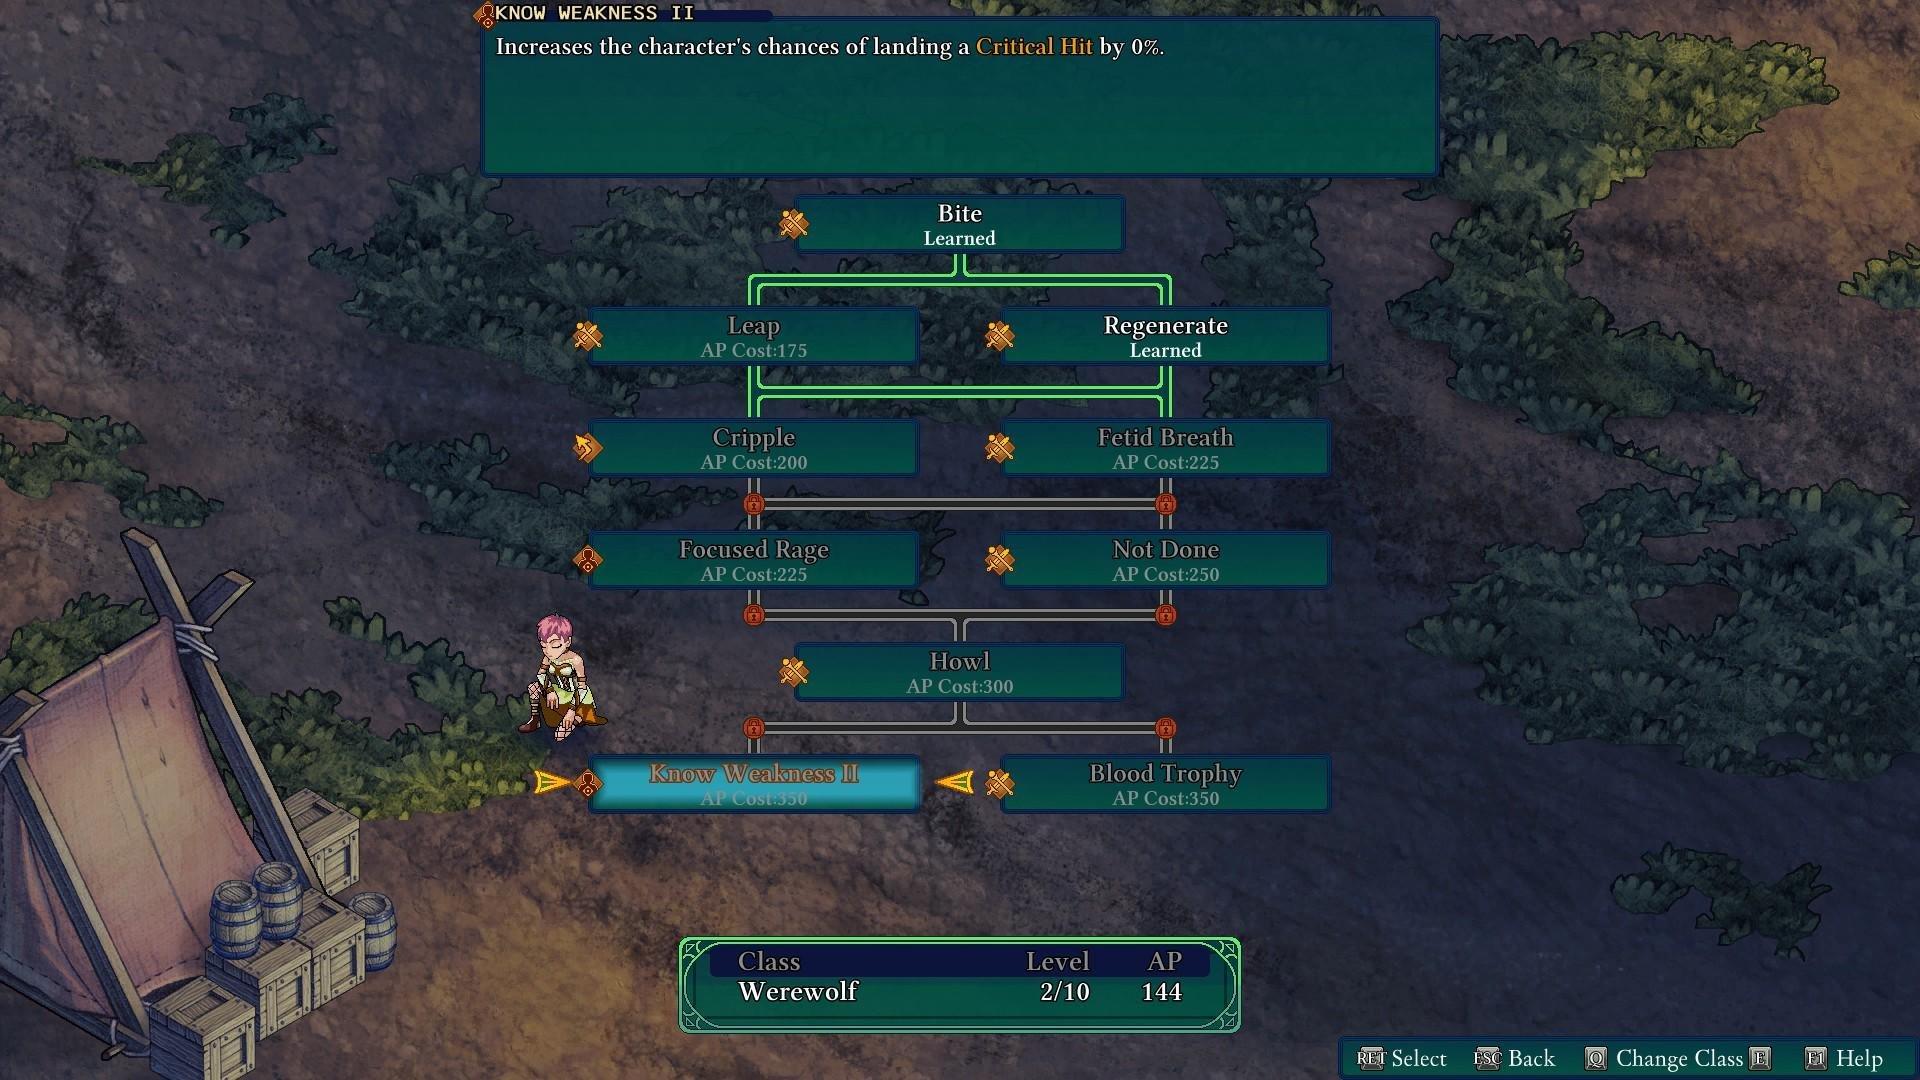 Скриншот к игре Fell Seal: Arbiter's Mark v.1.6.0  [GOG] (2019) скачать торрент Лицензия